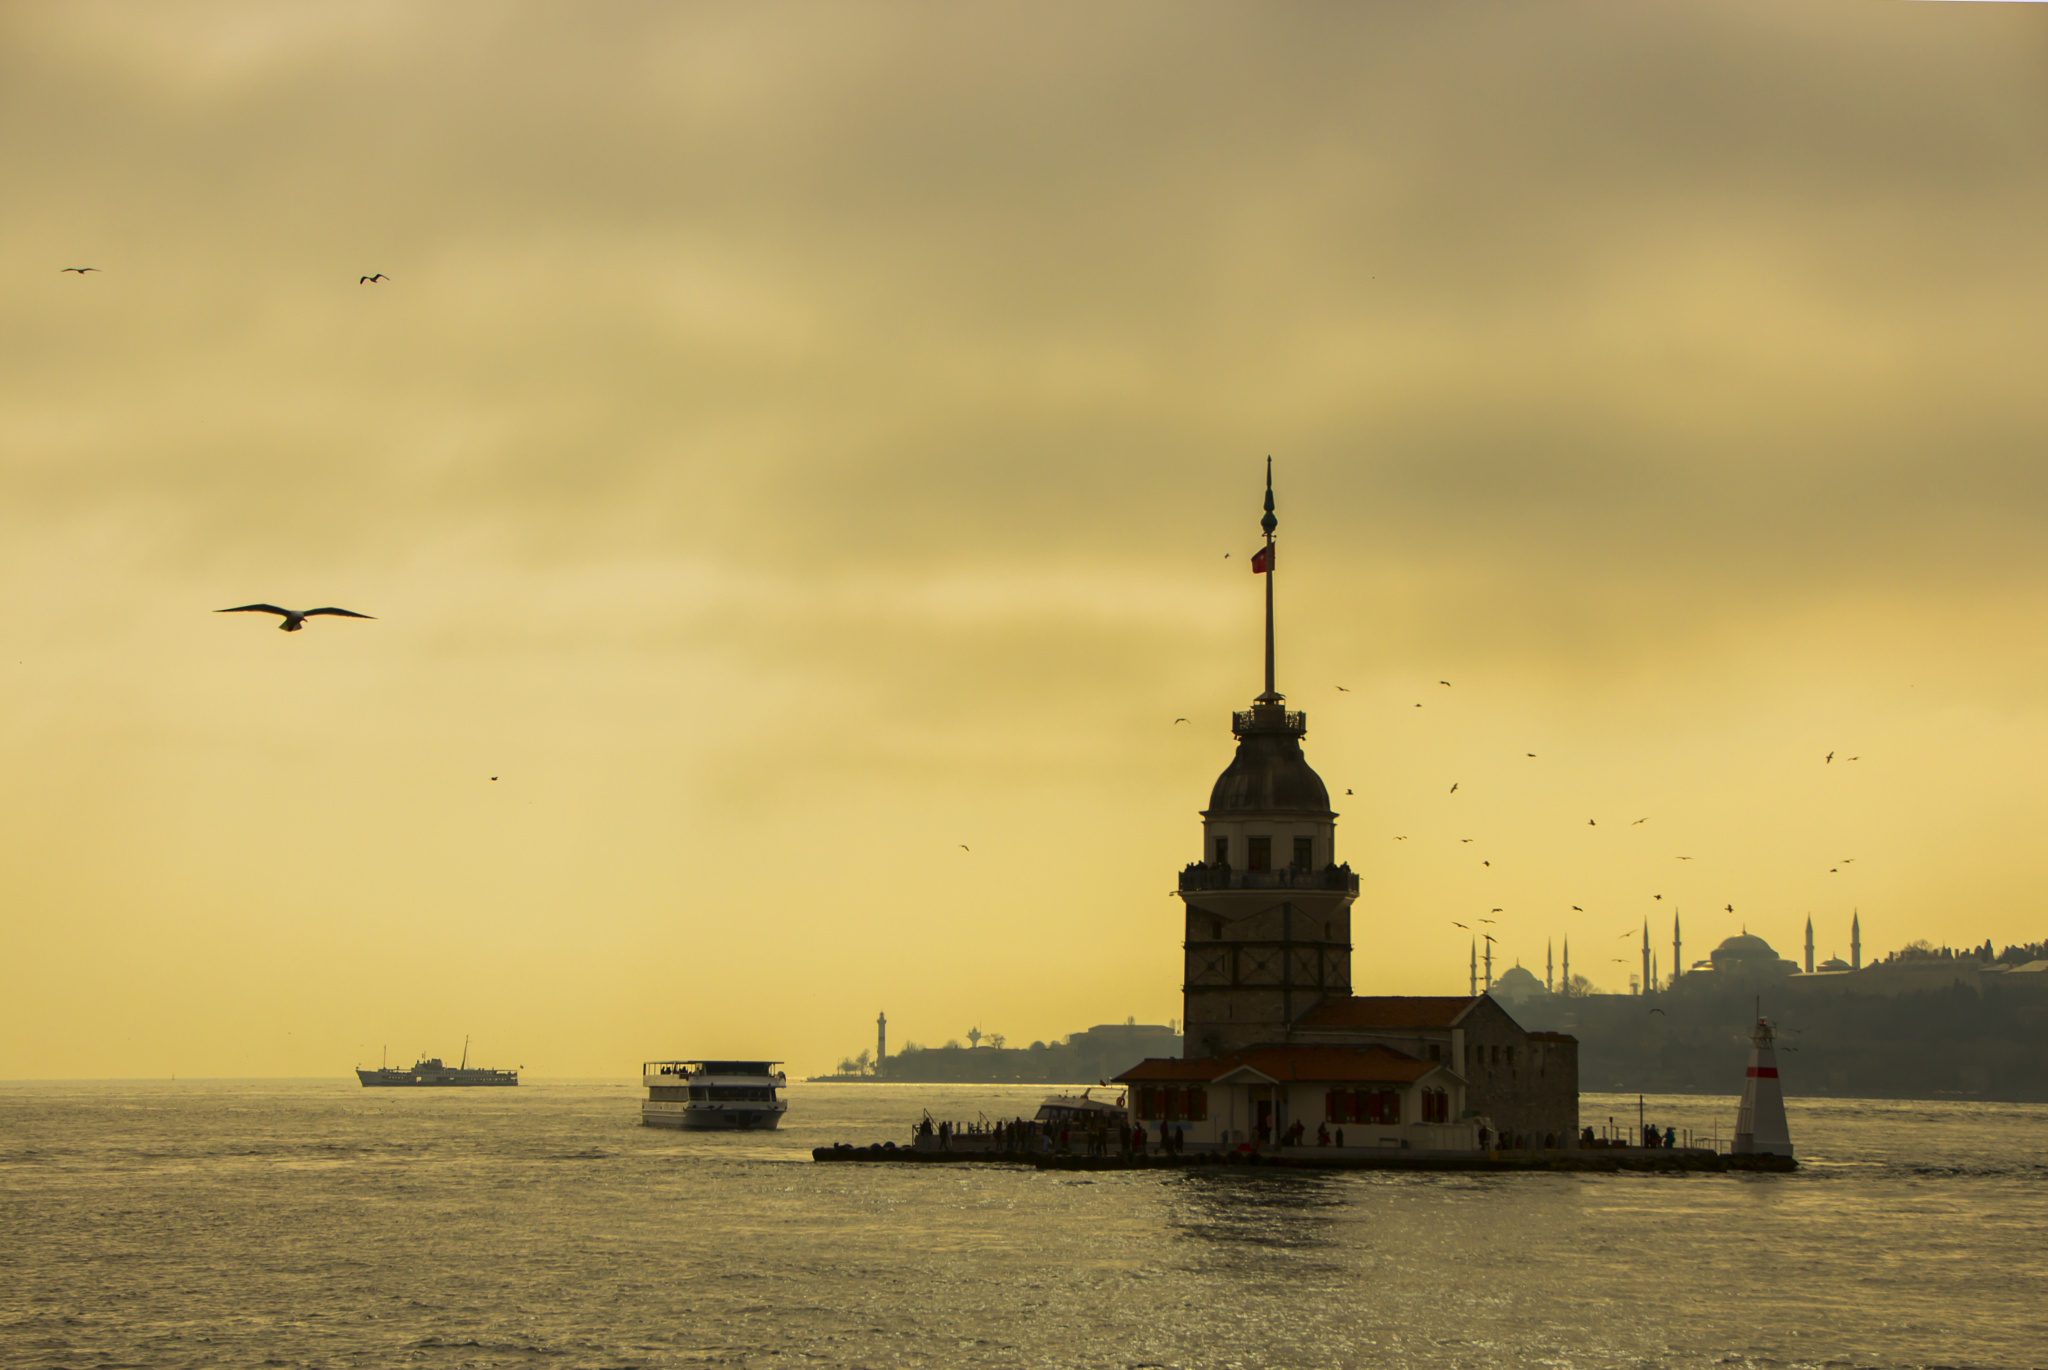 Maiden's Tower by Zafer Ergen